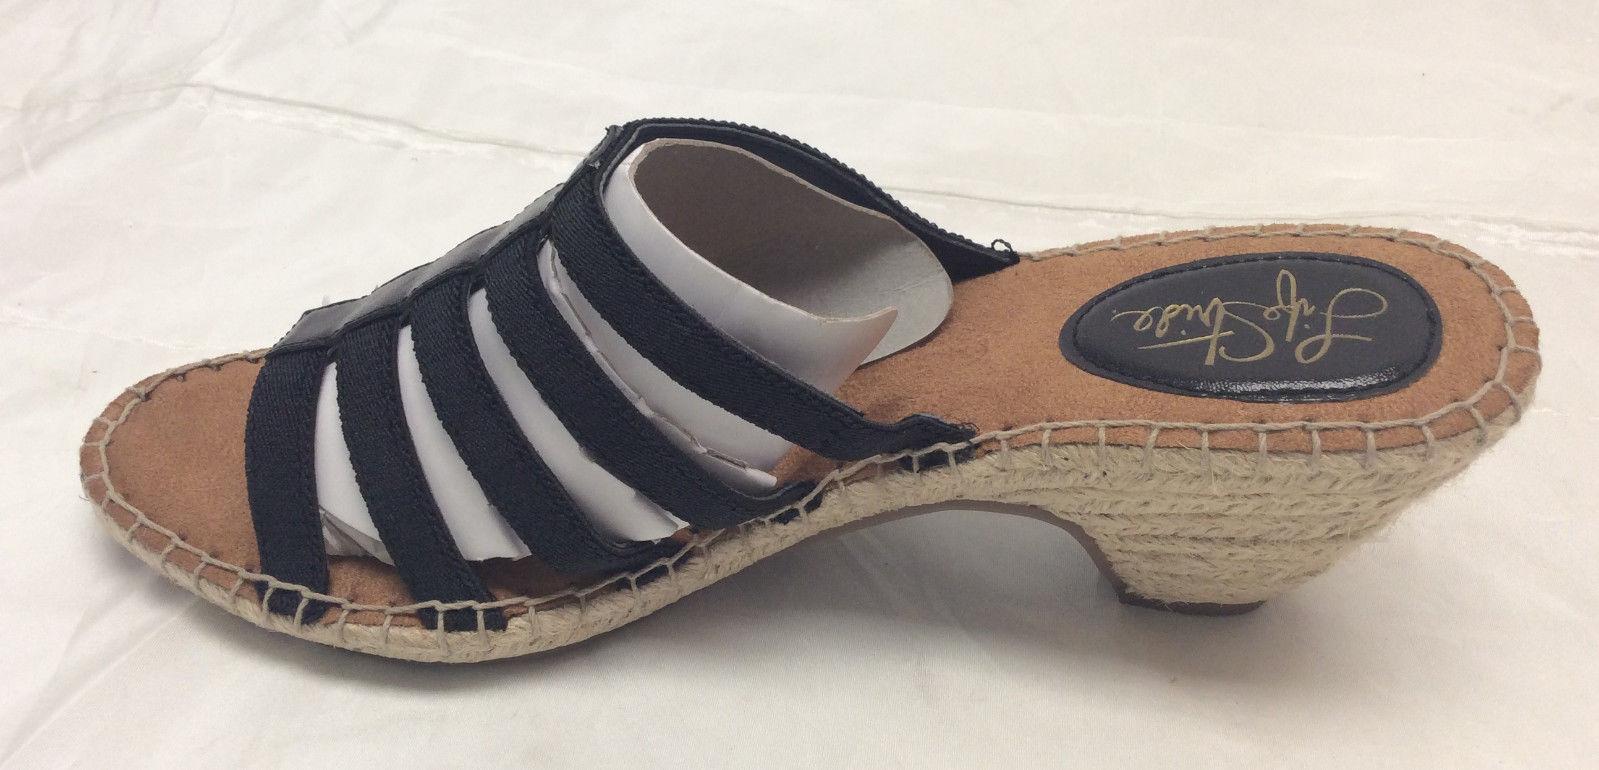 LifeStride Women's Multi-strap Espadrille Sandals - Route, Black, Size 6.5 M